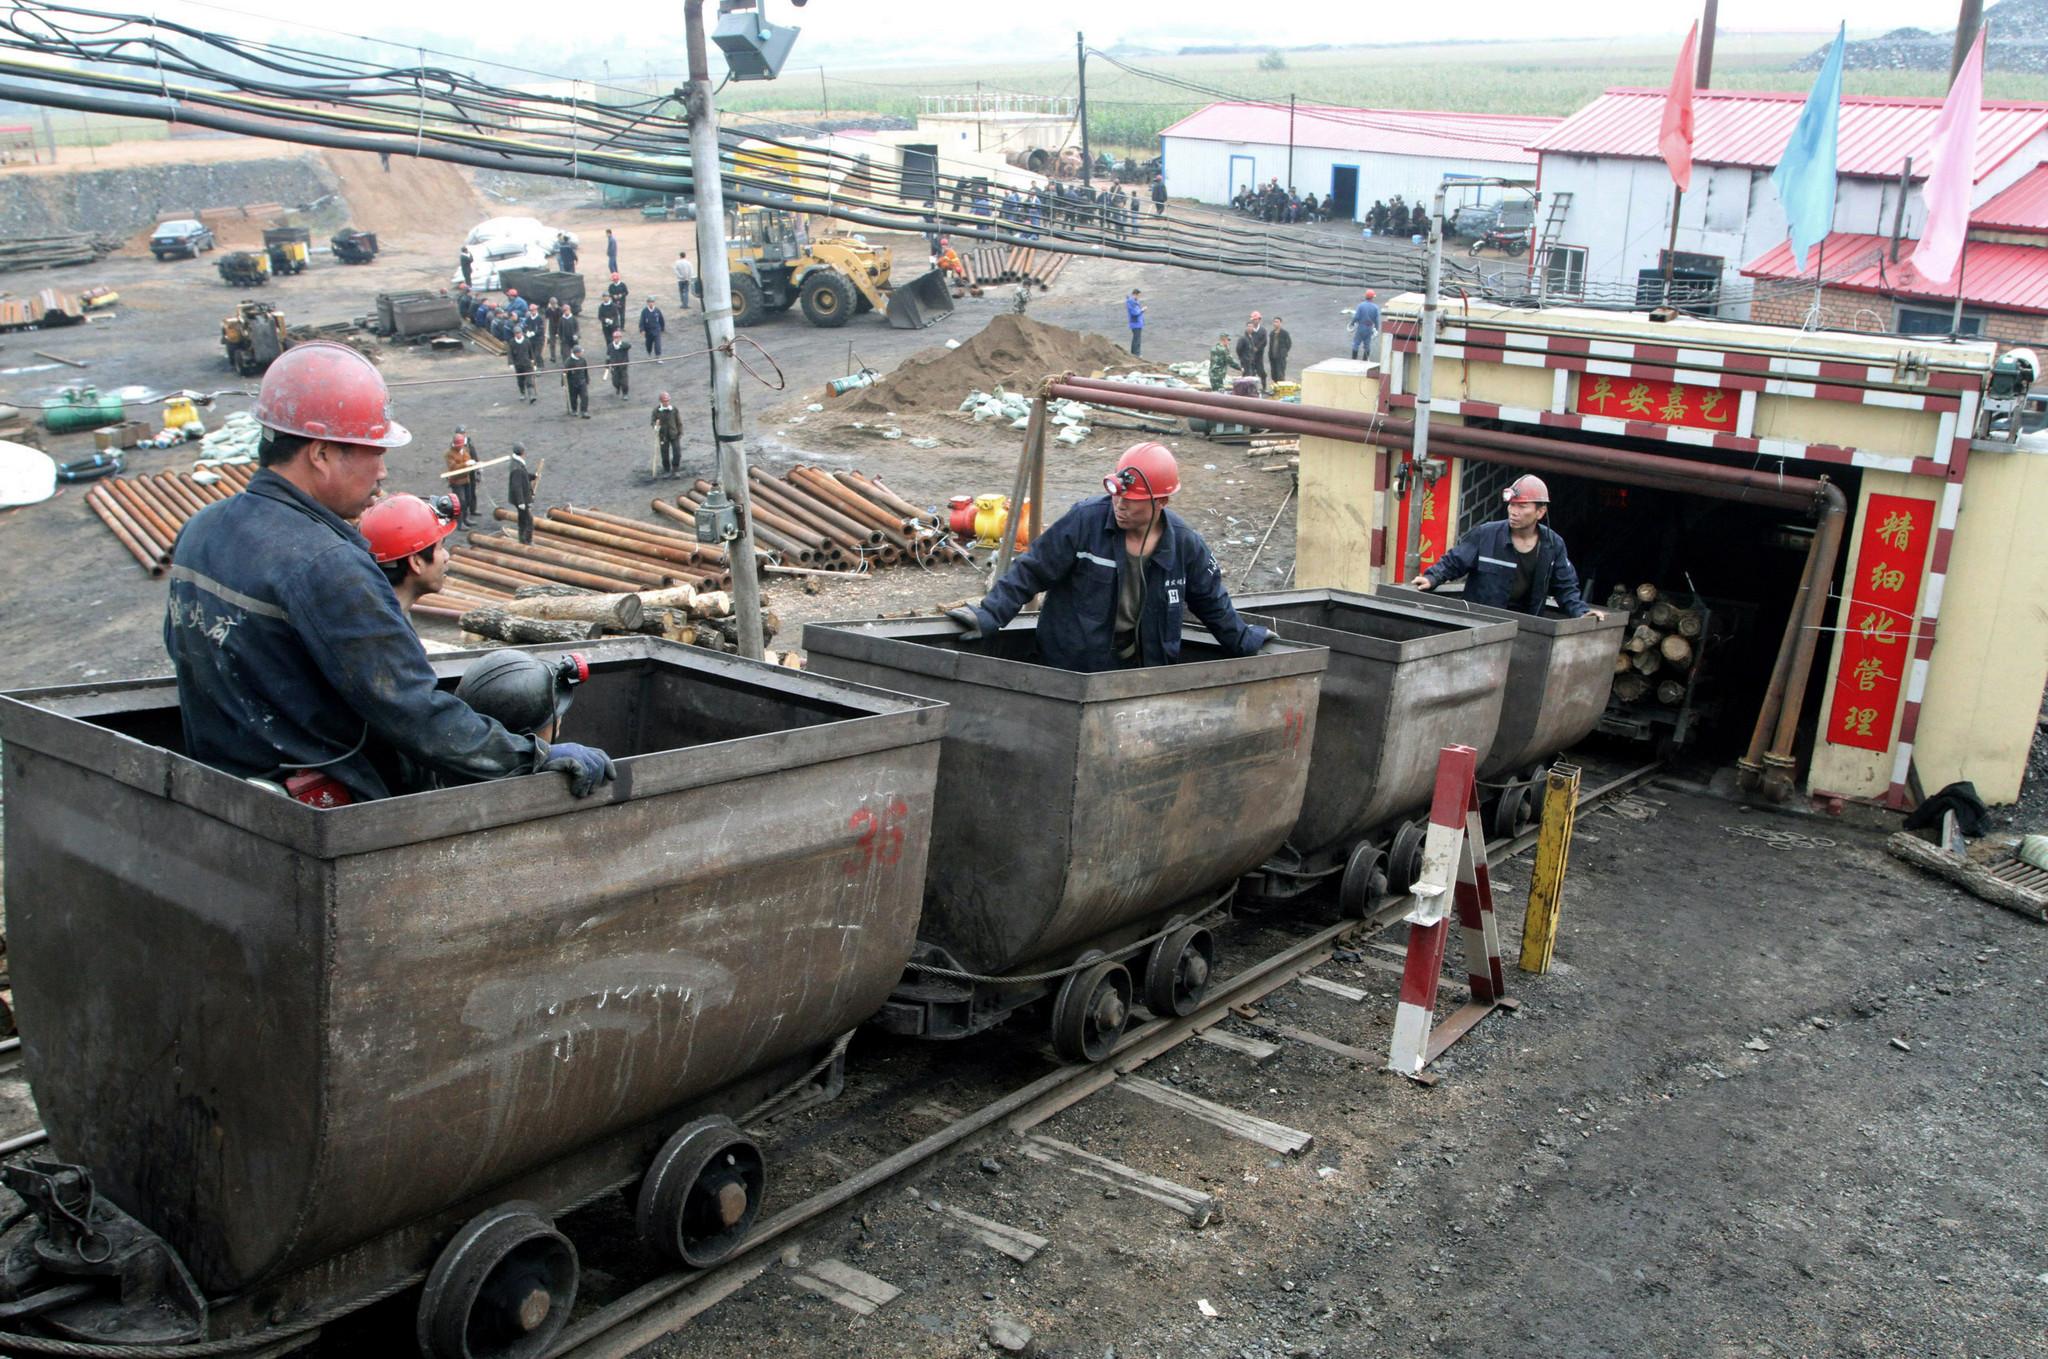 Grupo de 22 mineiros retido em mina de ouro na China após explosão